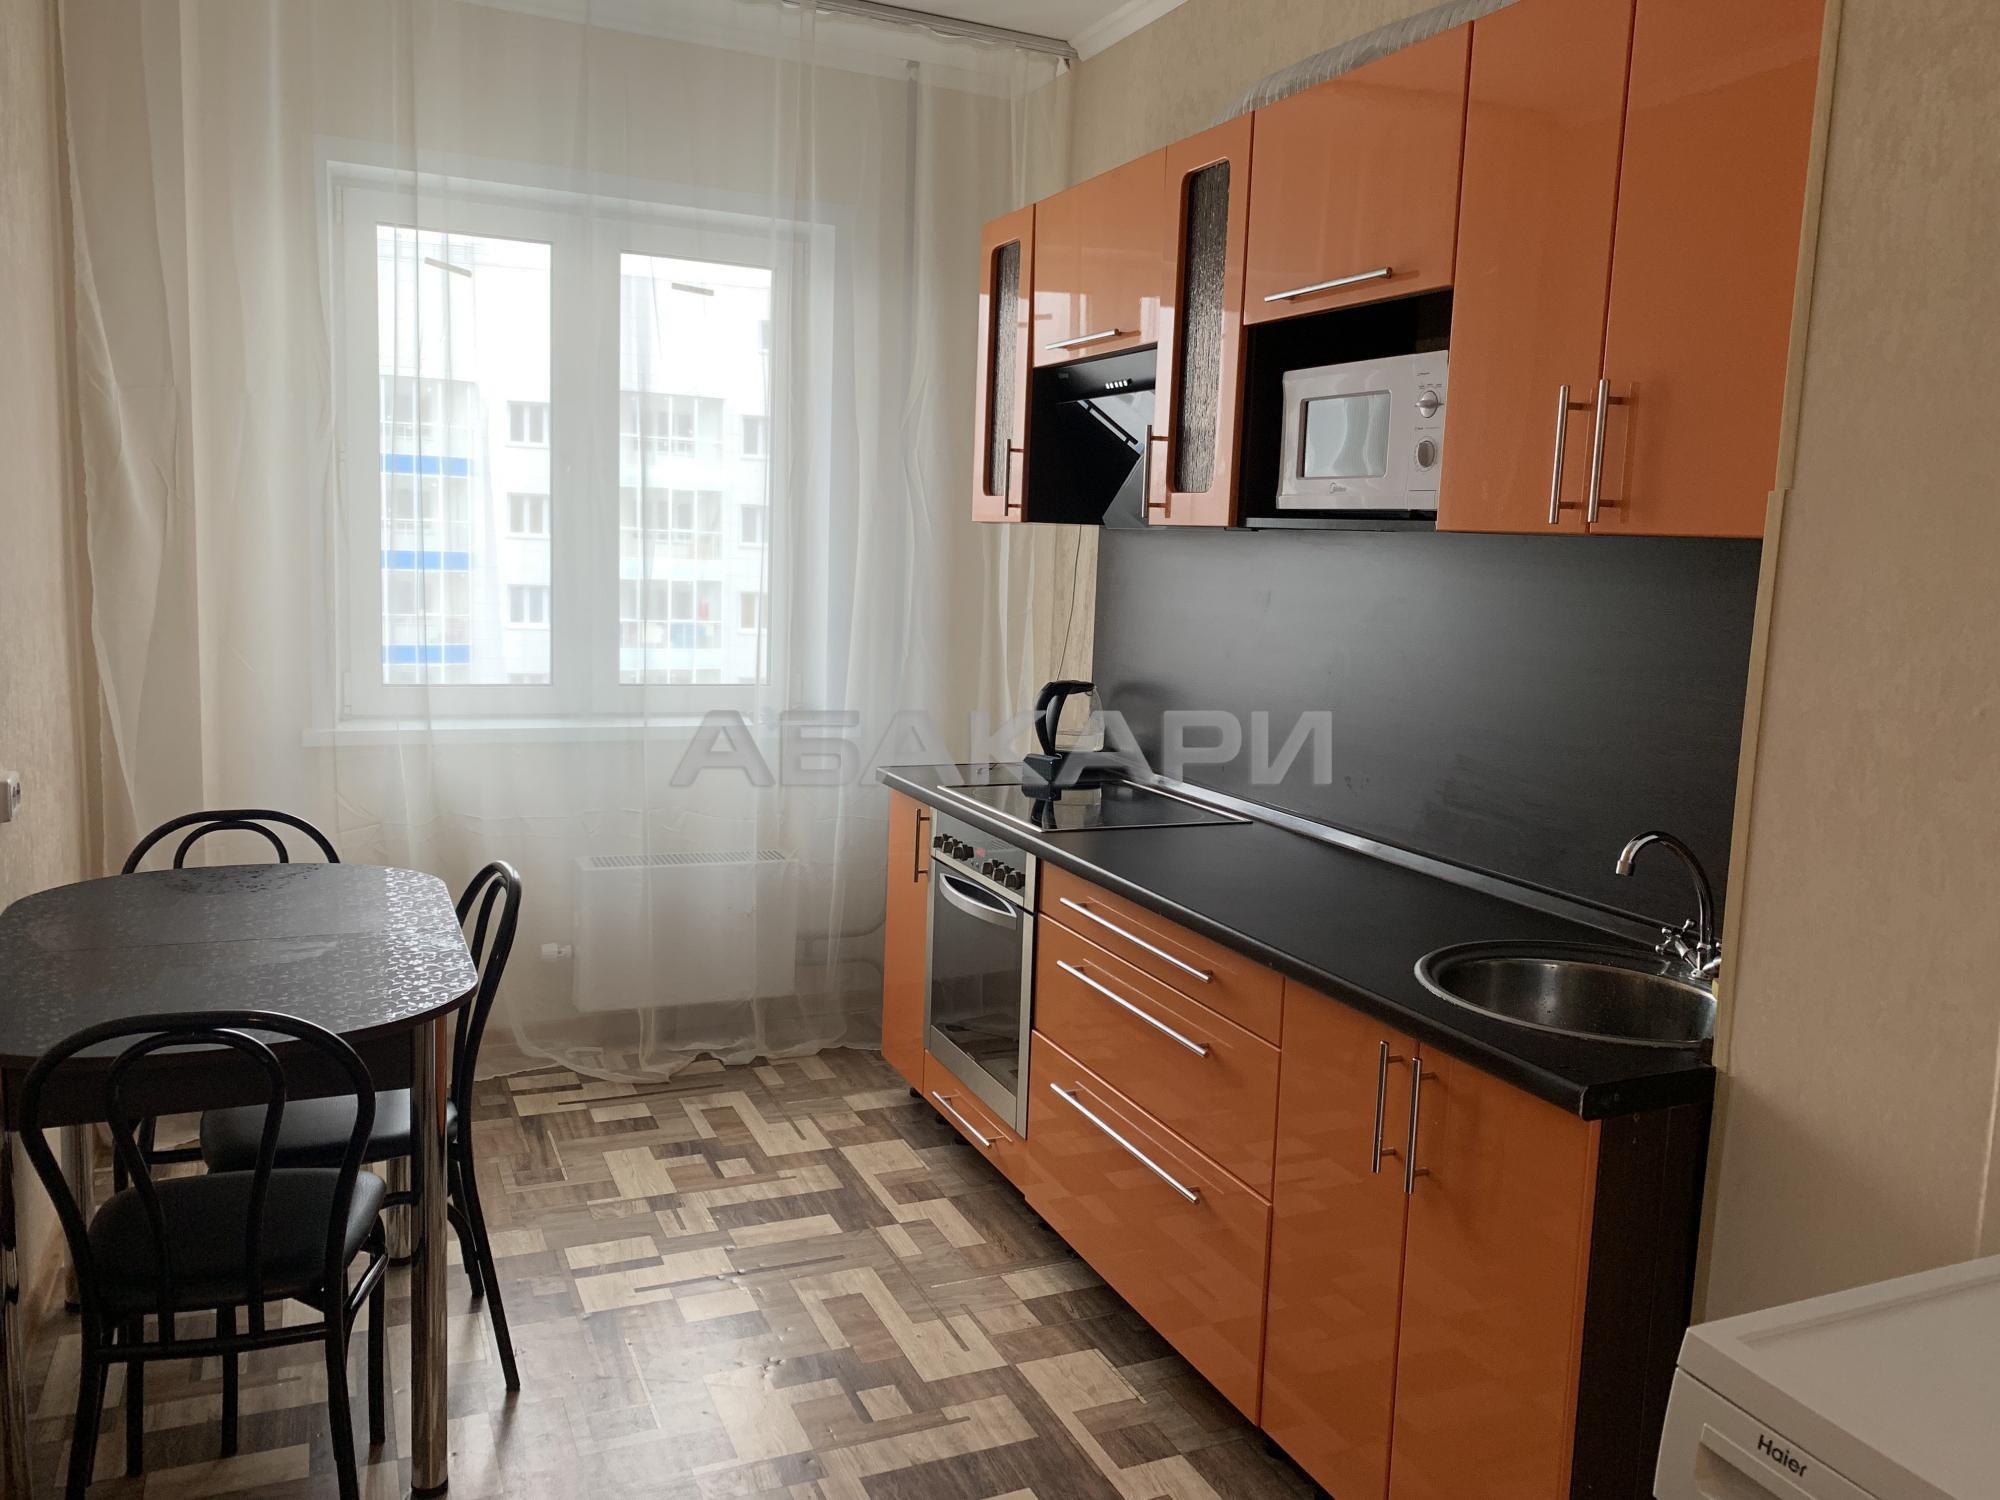 1к квартира Ярыгинская набережная, 3 24/25 - 36кв | 20000 | аренда в Красноярске фото 2